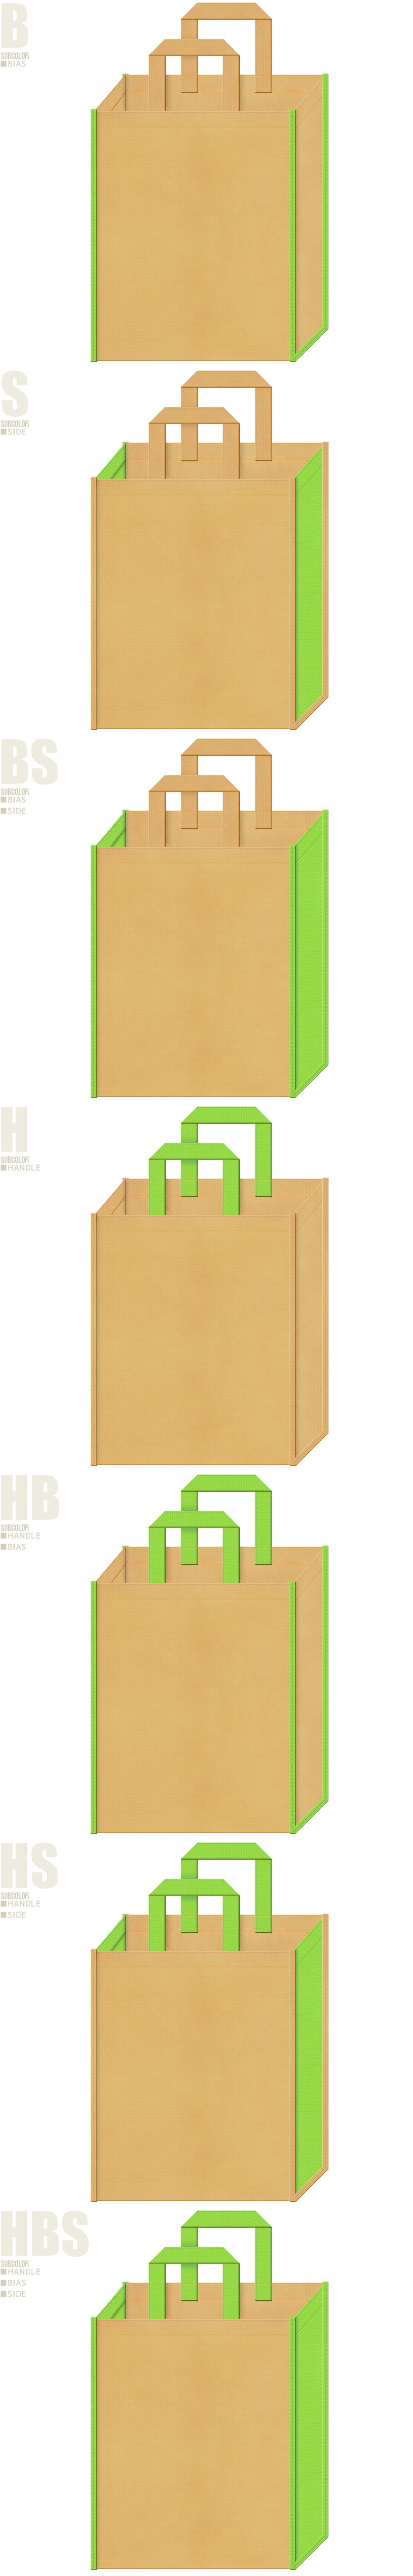 園芸用品の展示会用バッグにお奨めの、薄黄土色と黄緑色、7パターンの不織布トートバッグ配色デザイン例。